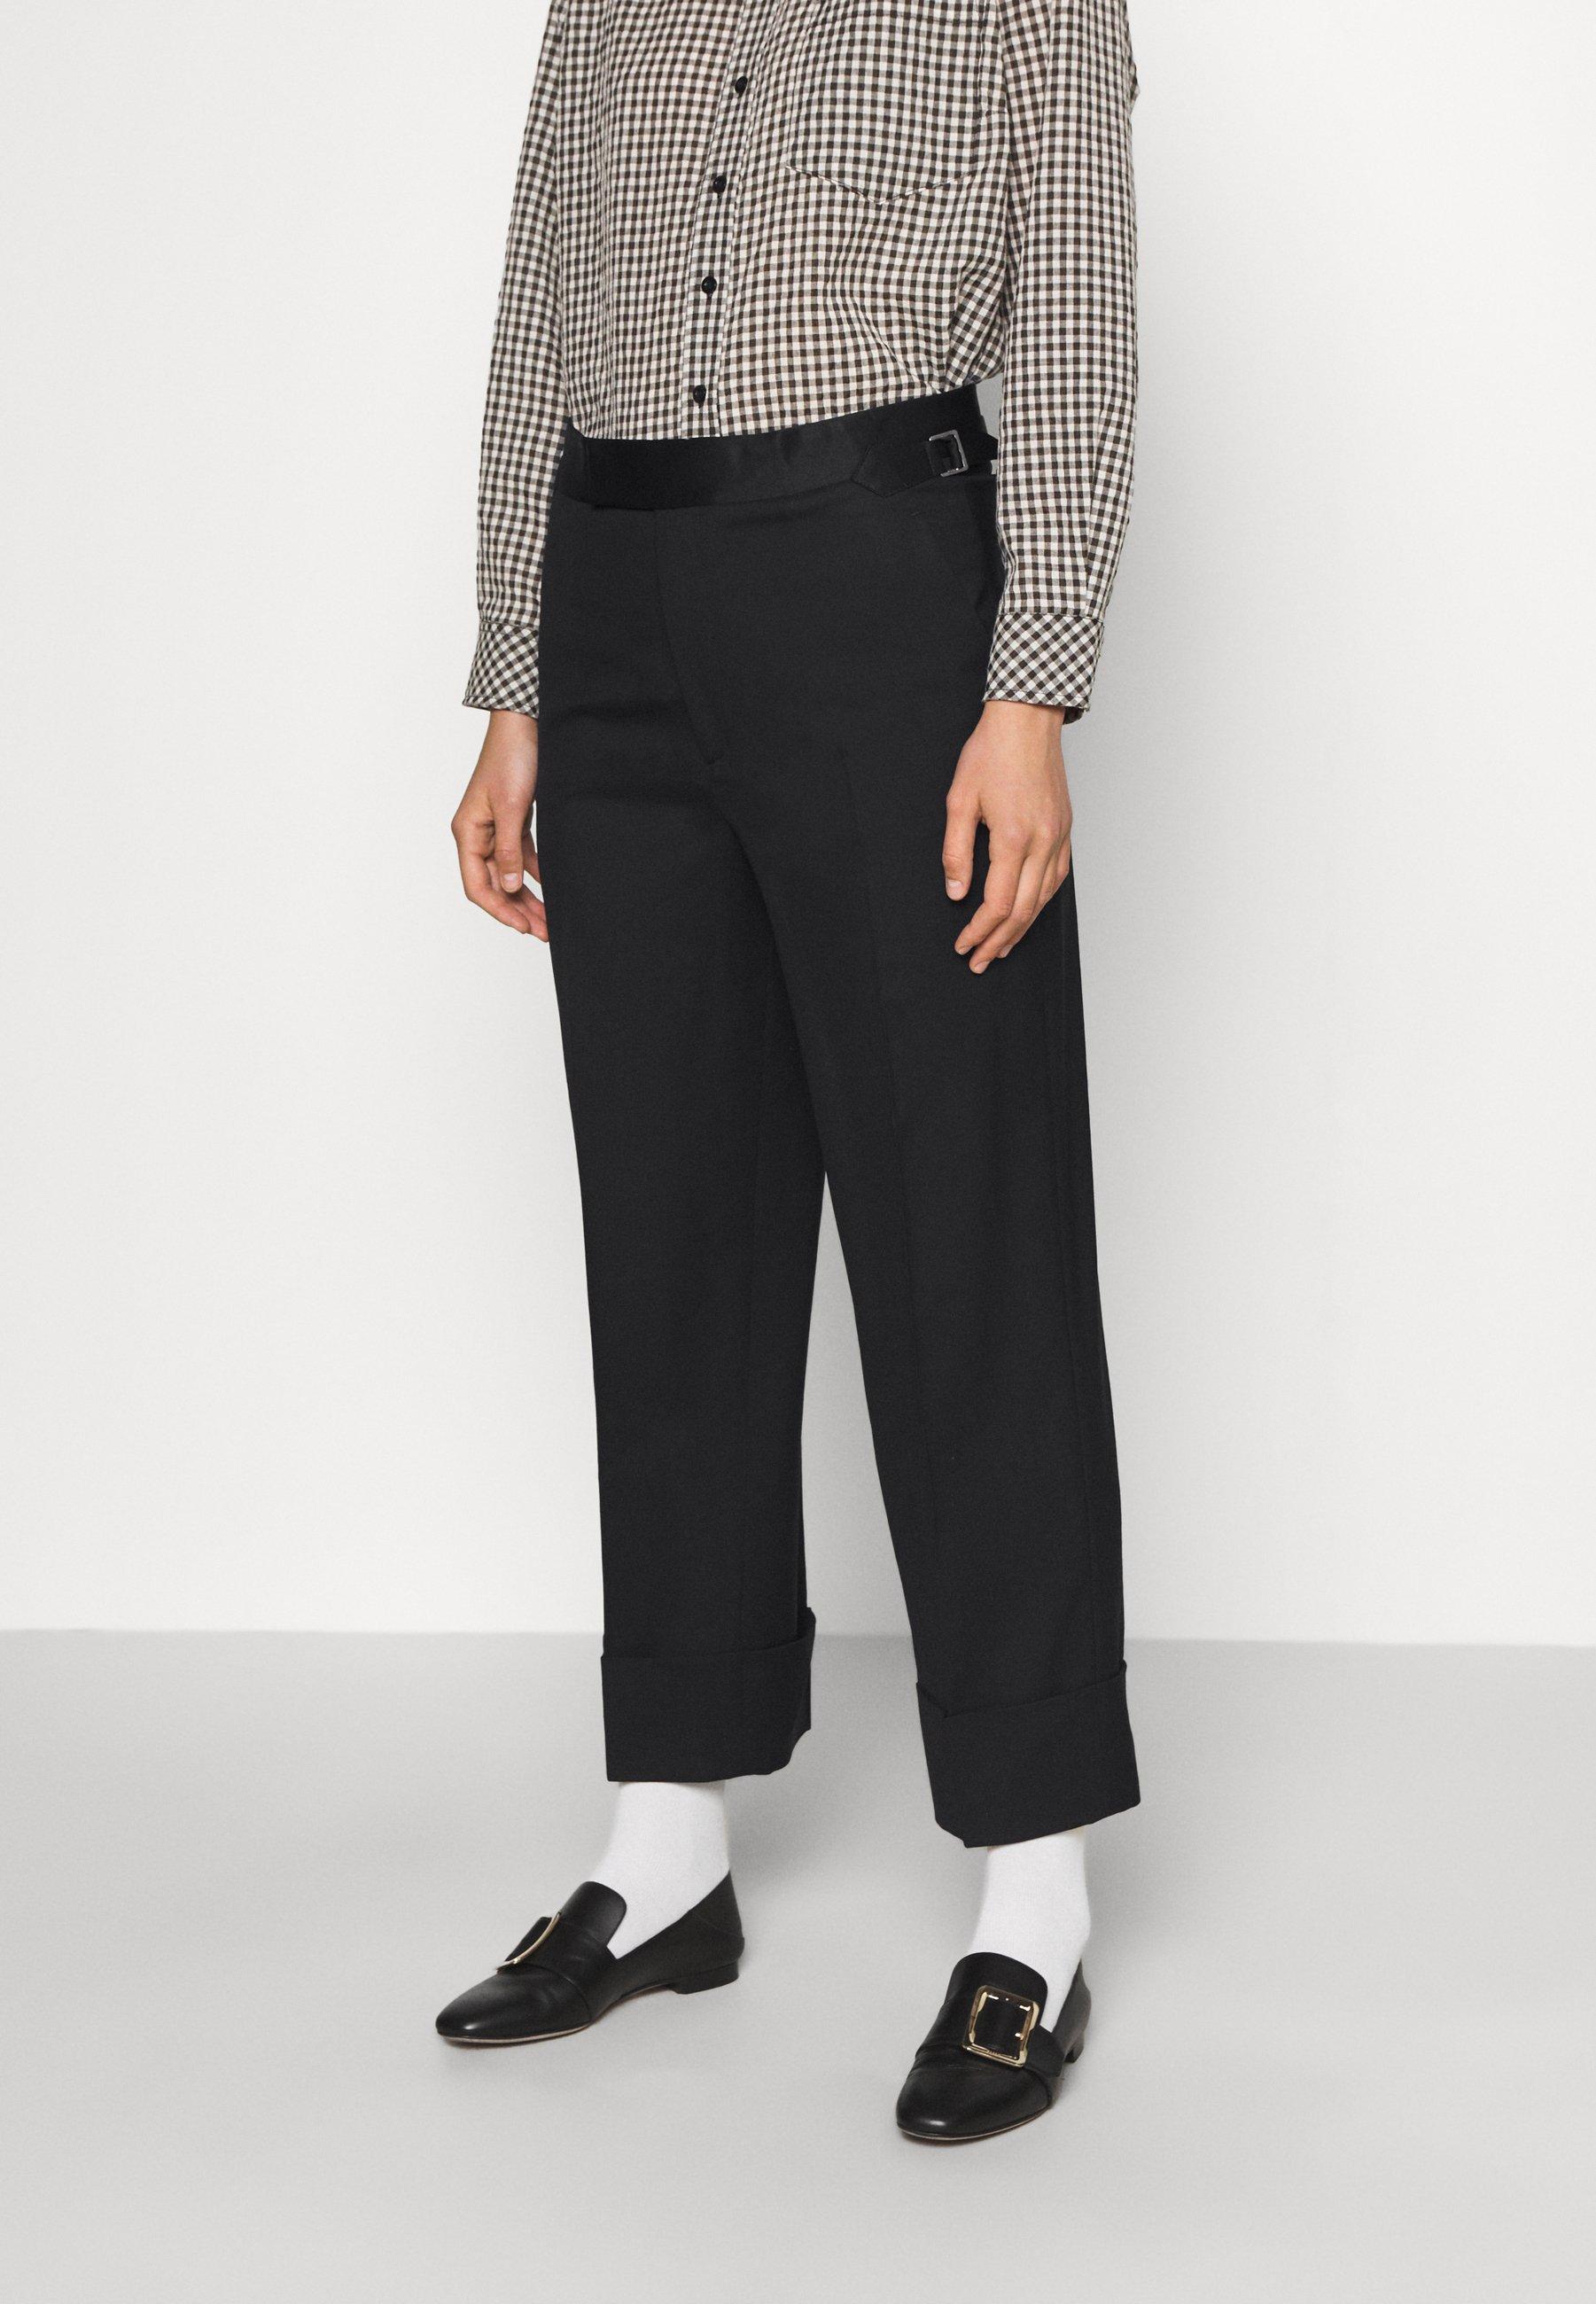 Femme DAVE TROUSERS - Pantalon classique